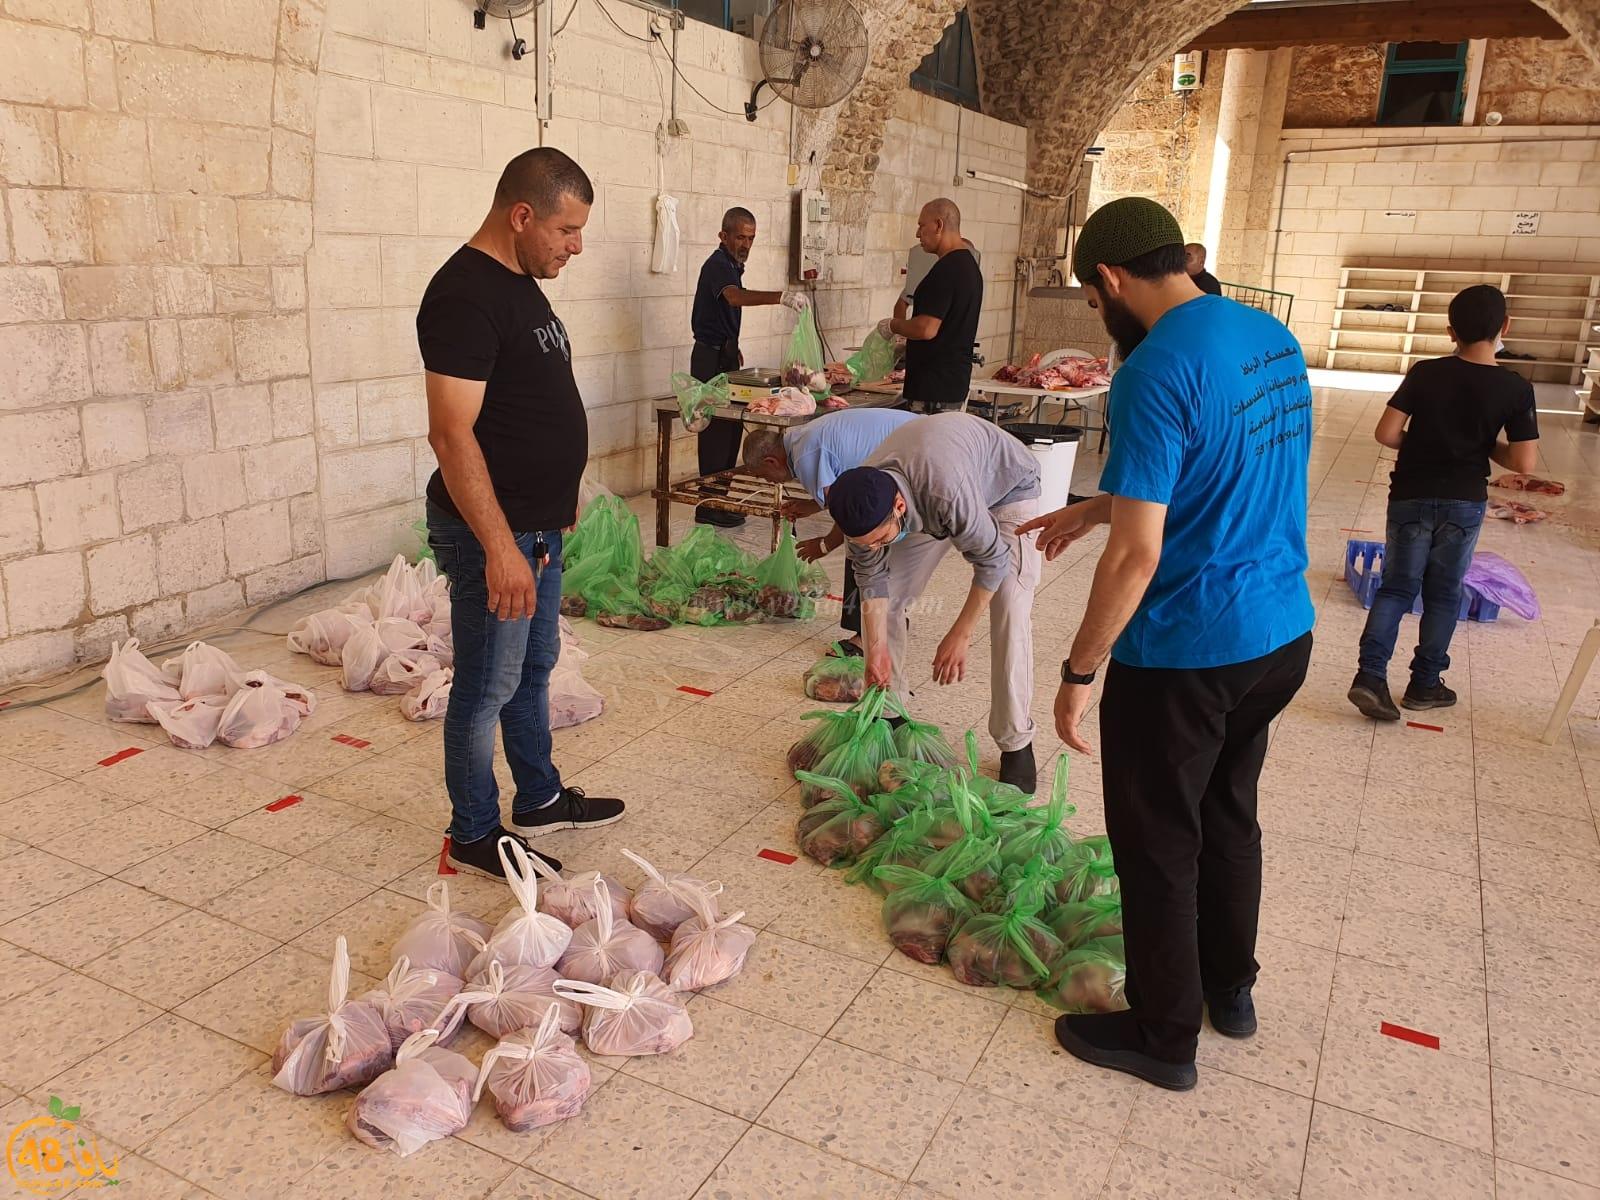 لجنة الزّكاة في اللّد تستقبل كميّات كبيرة من لحوم الأضاحي بأول أيام العيد